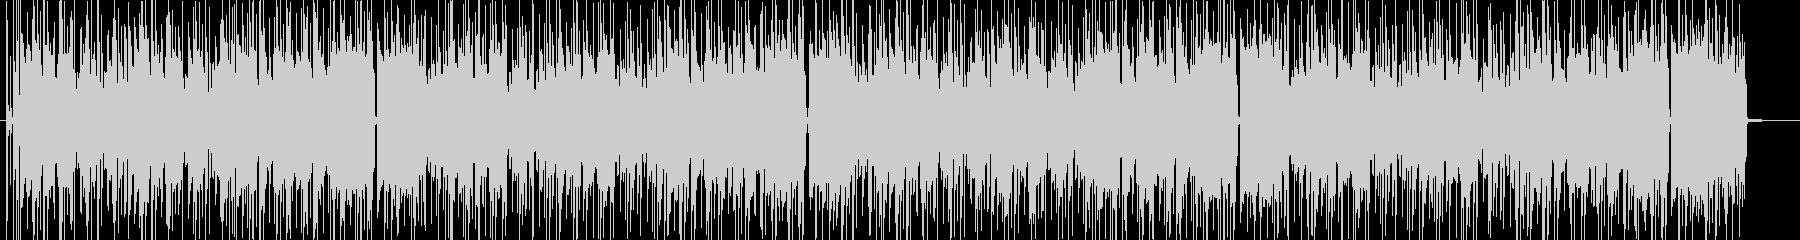 明るいトークBGM。オープニングなど。の未再生の波形